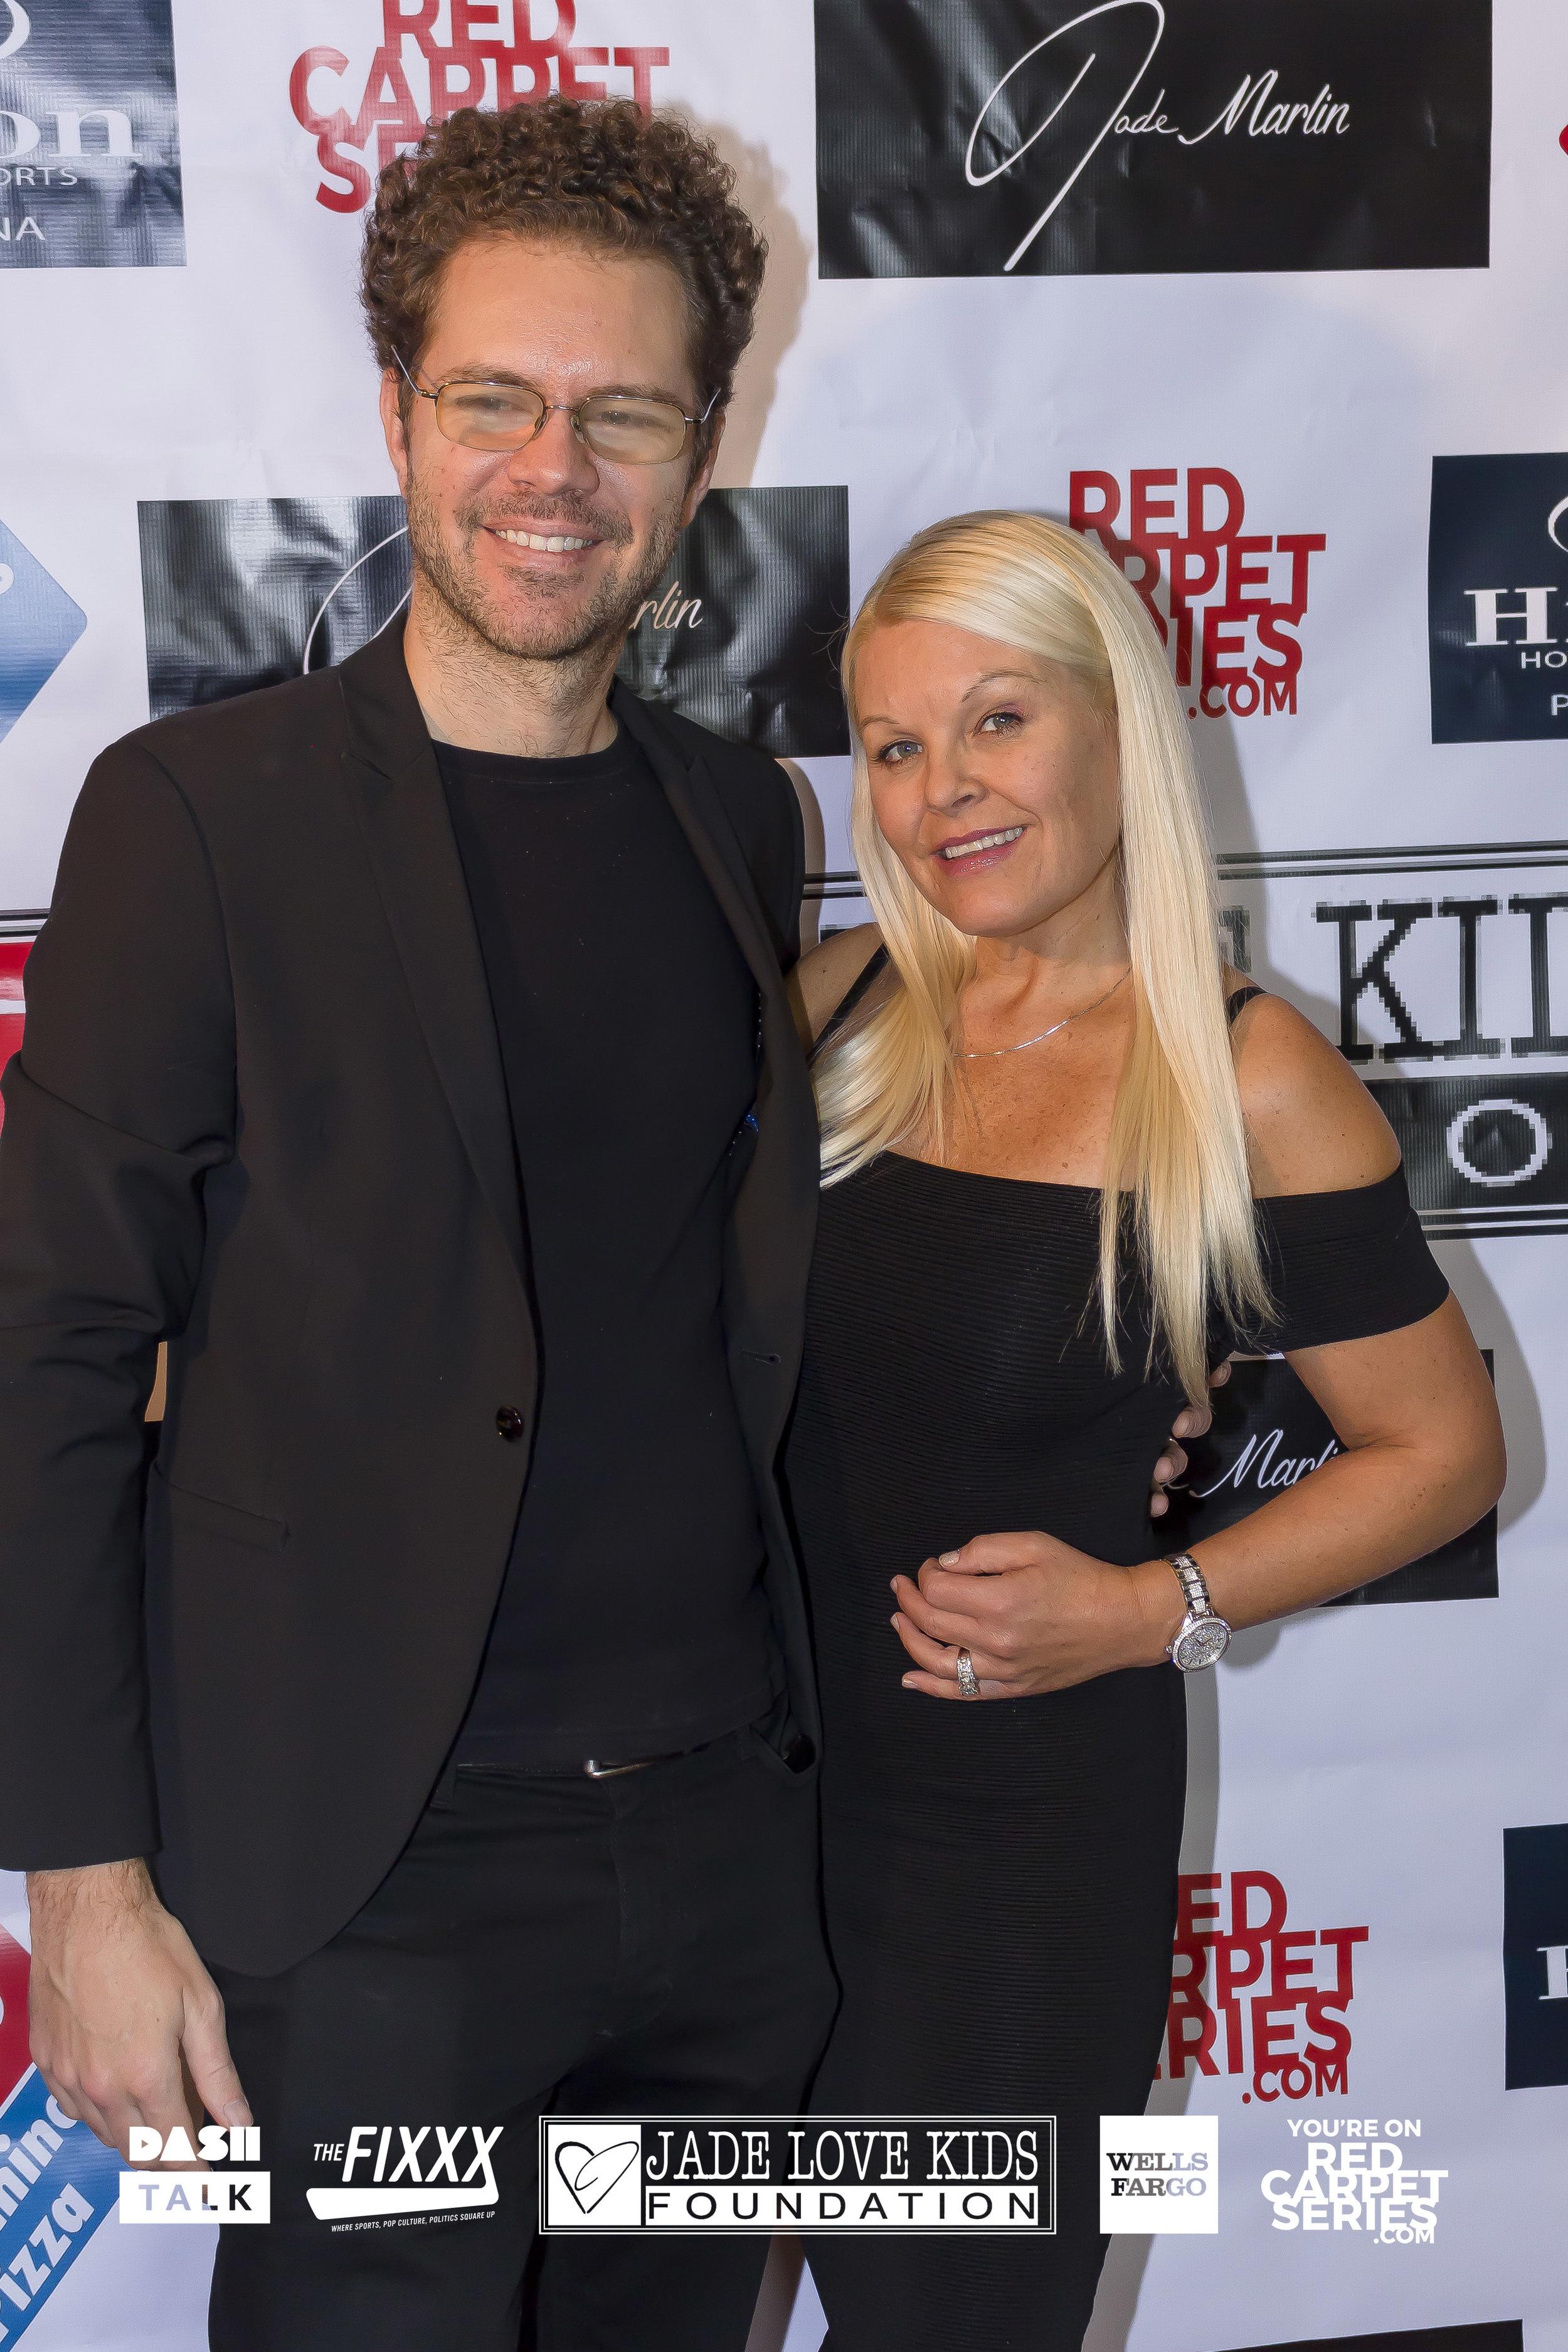 Jade Love Kids Foundation - 12-01-18 - Round 1_16.jpg